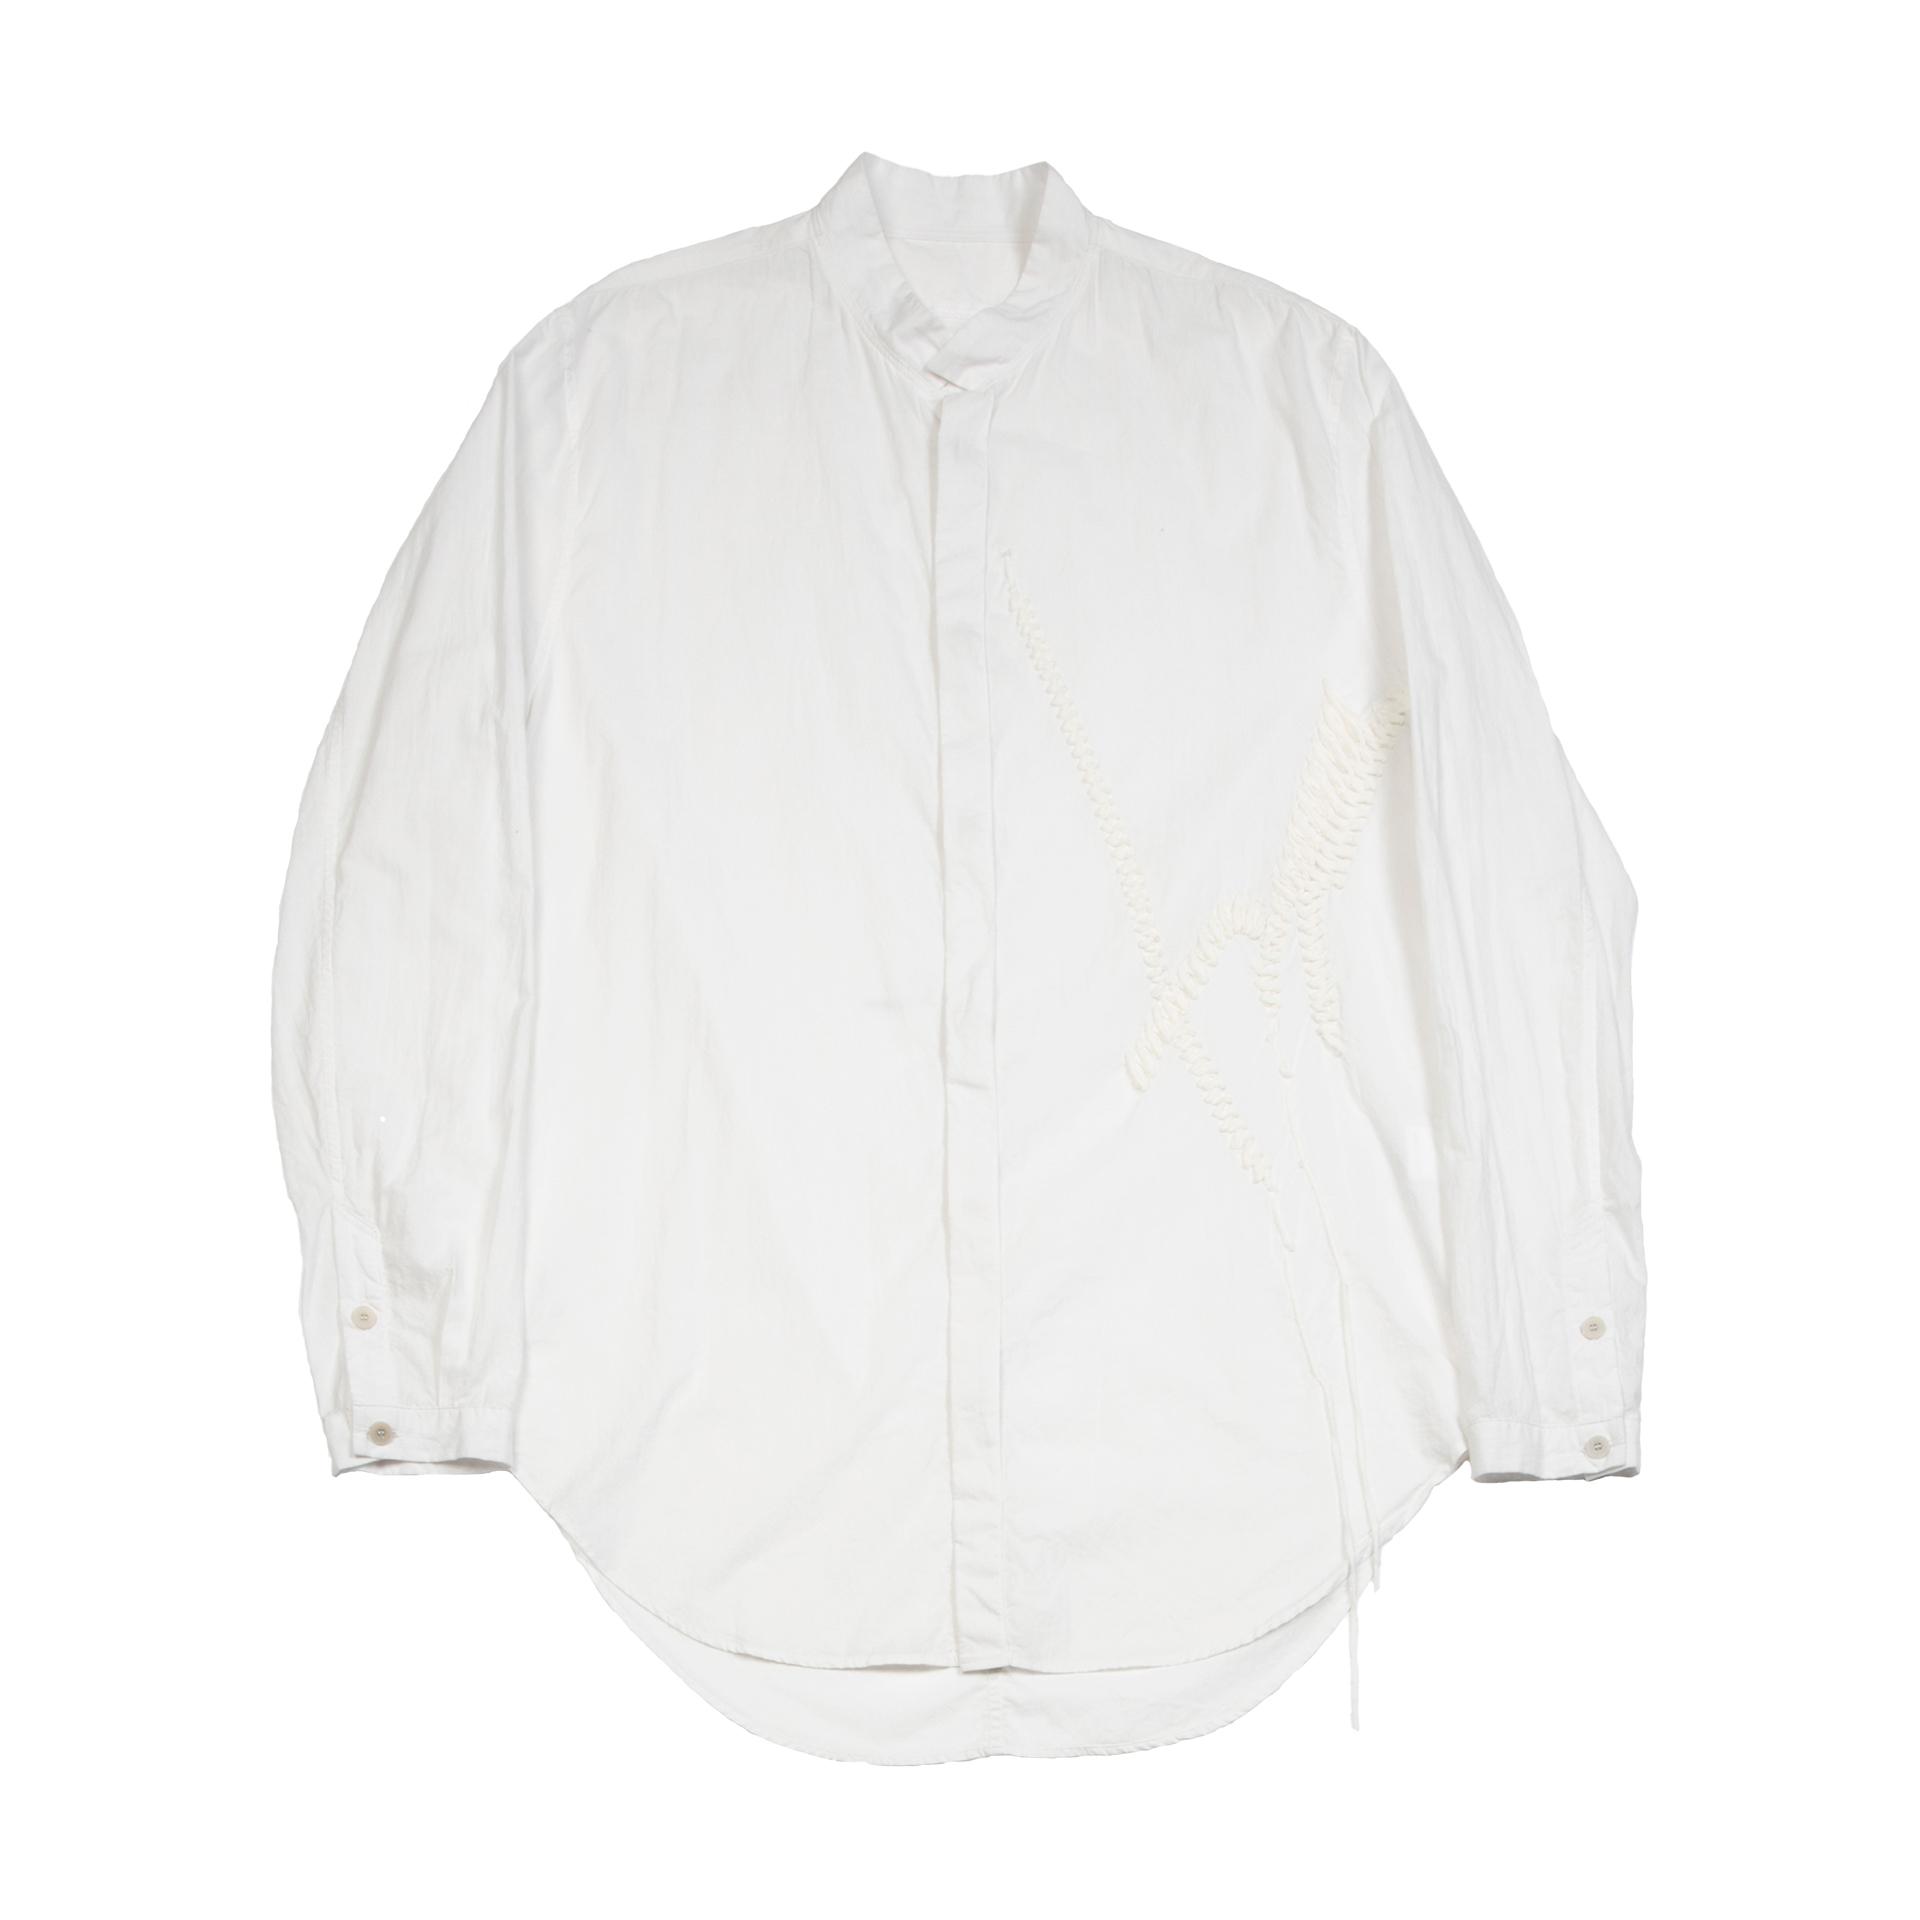 [ 2021 春夏 予約商品 ] 737SHM5-WHITE / スタンドカラーシャツ / 1月入荷予定